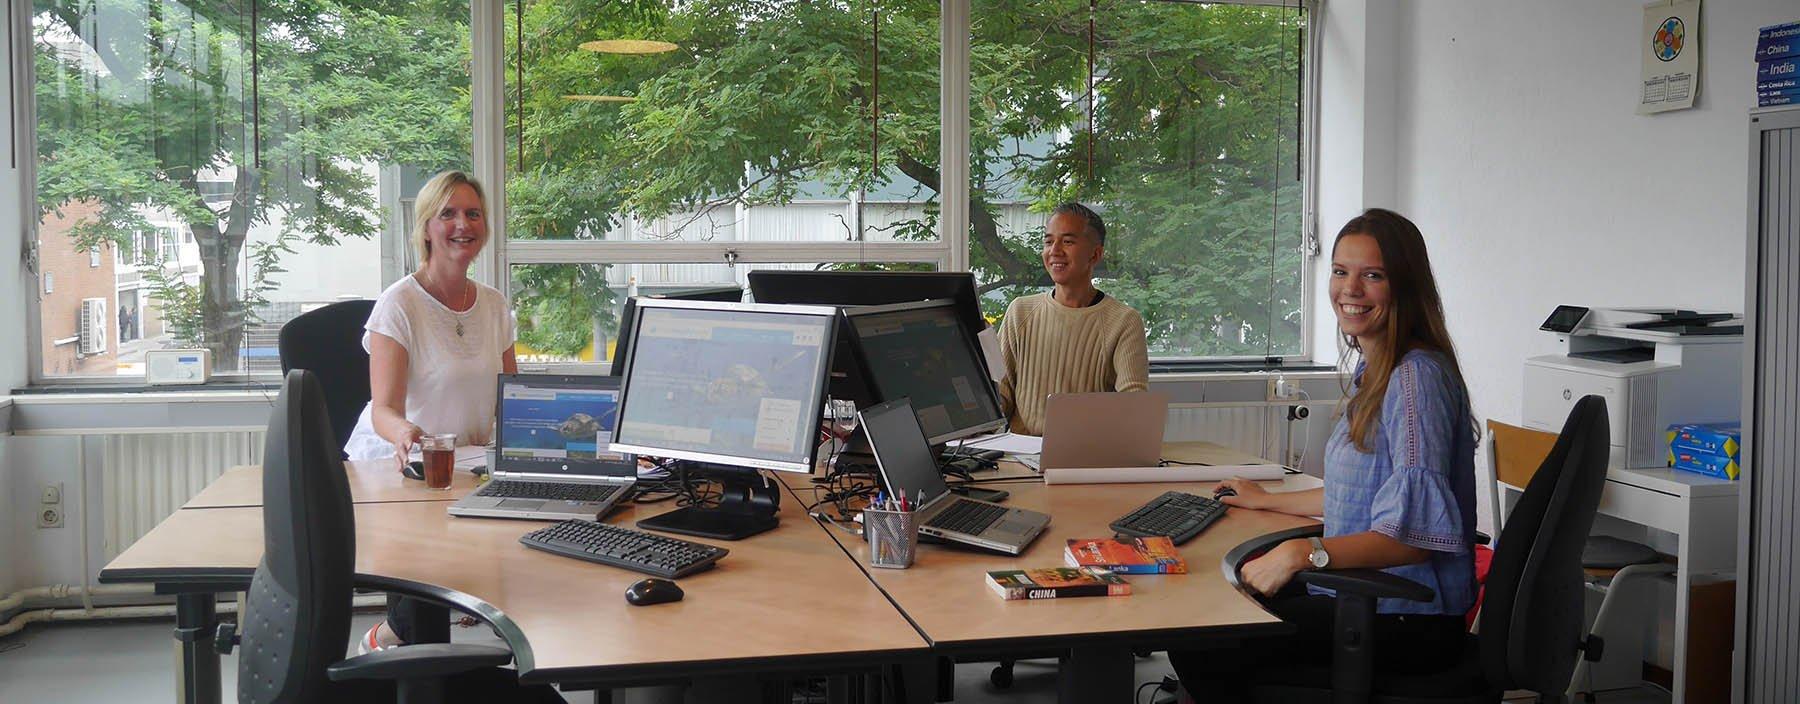 Op kantoor bij HelloBeautifulWorld: Lianne Lahey, Alwin Setija & Laura Lammers